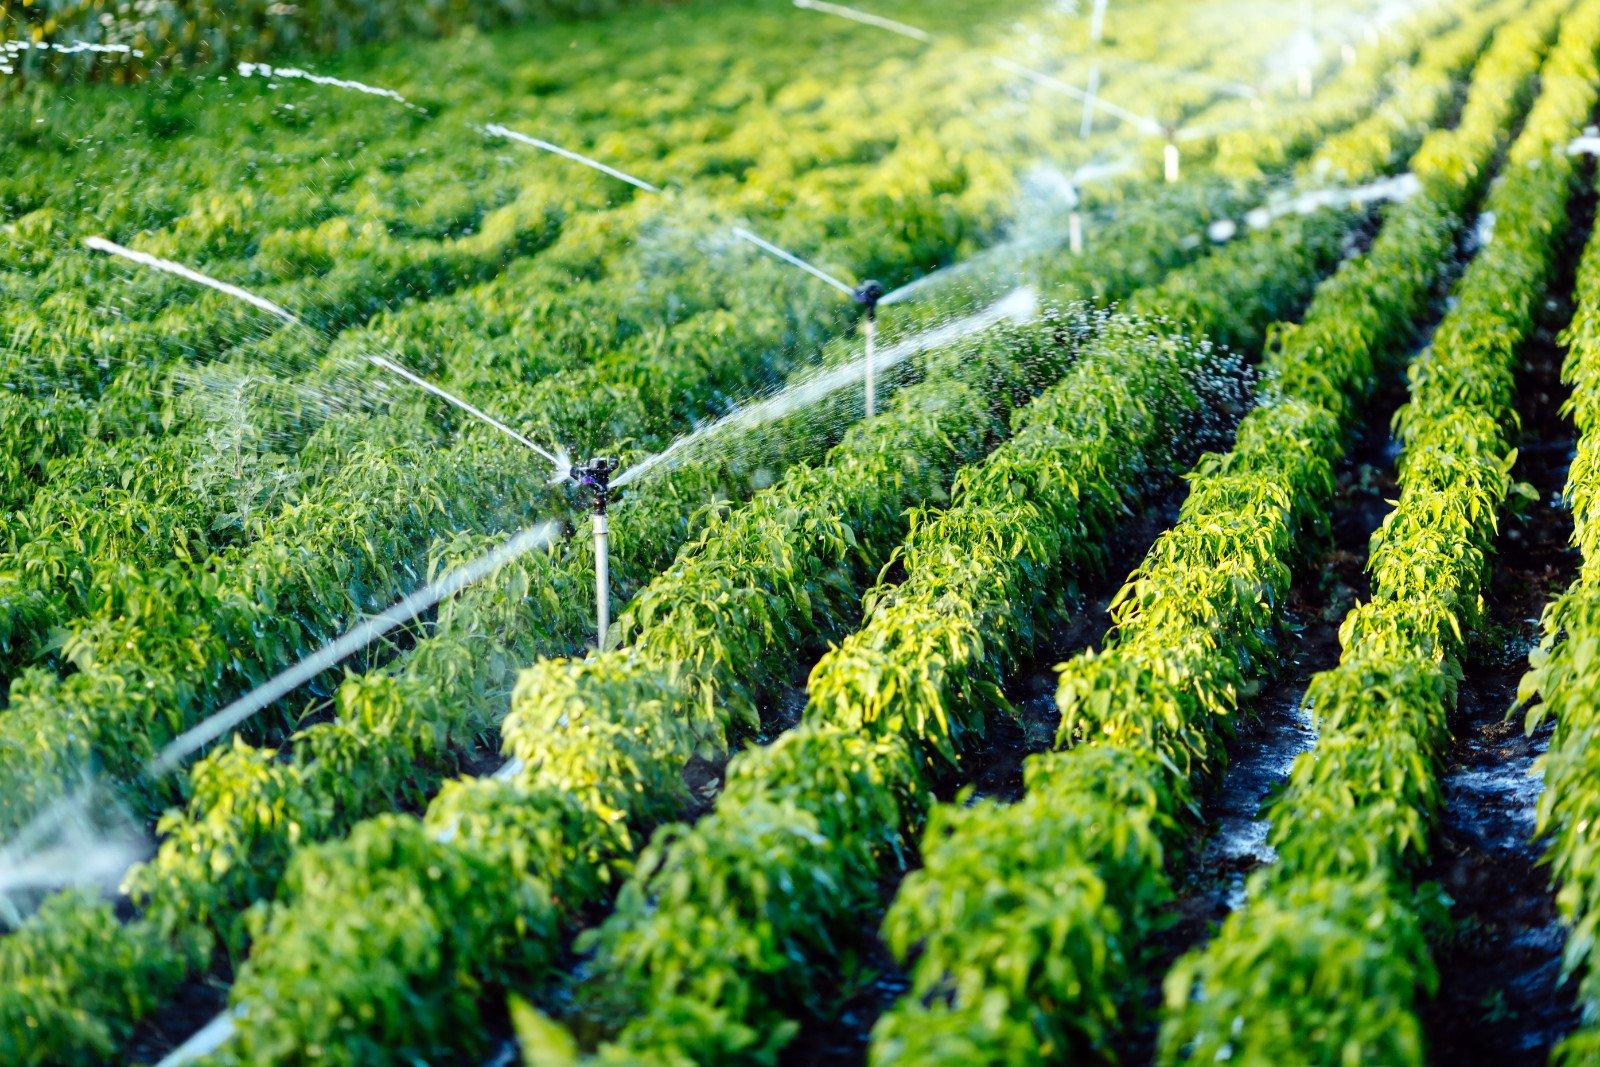 sistema di irrigazione in funzione irrigazione delle piante agricole